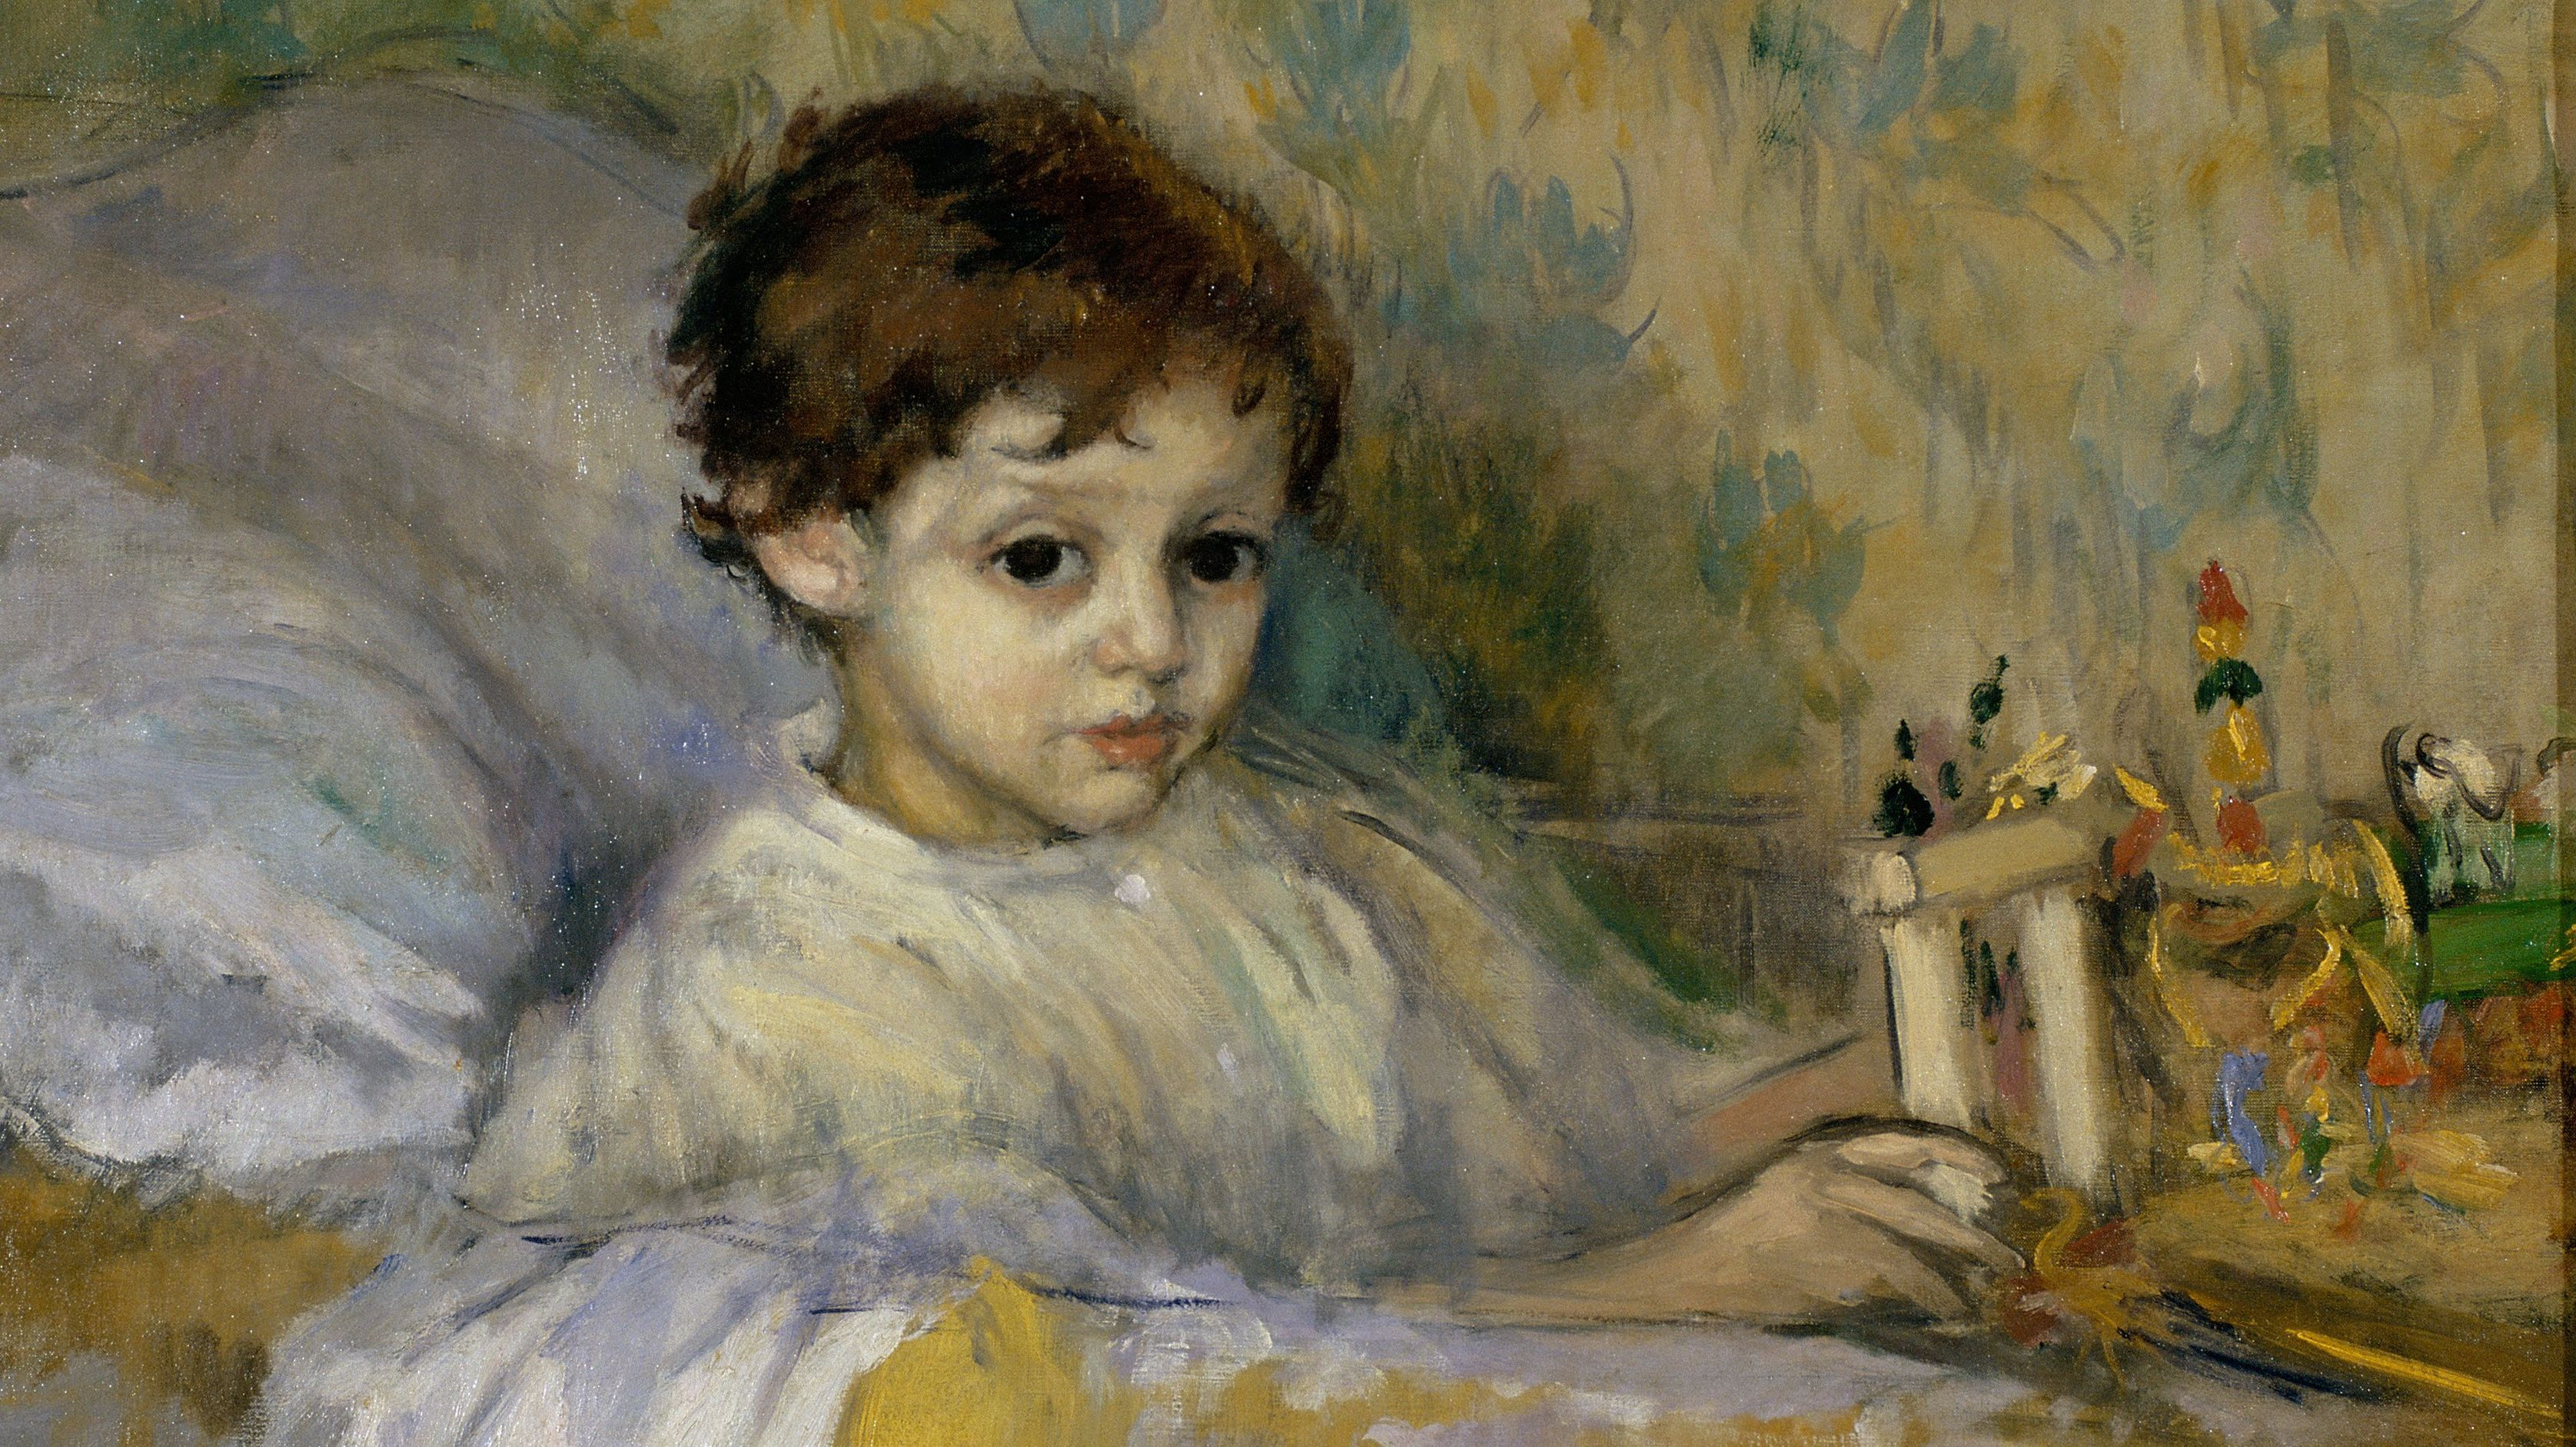 Рикард Каналс. Больной ребенок. 1903